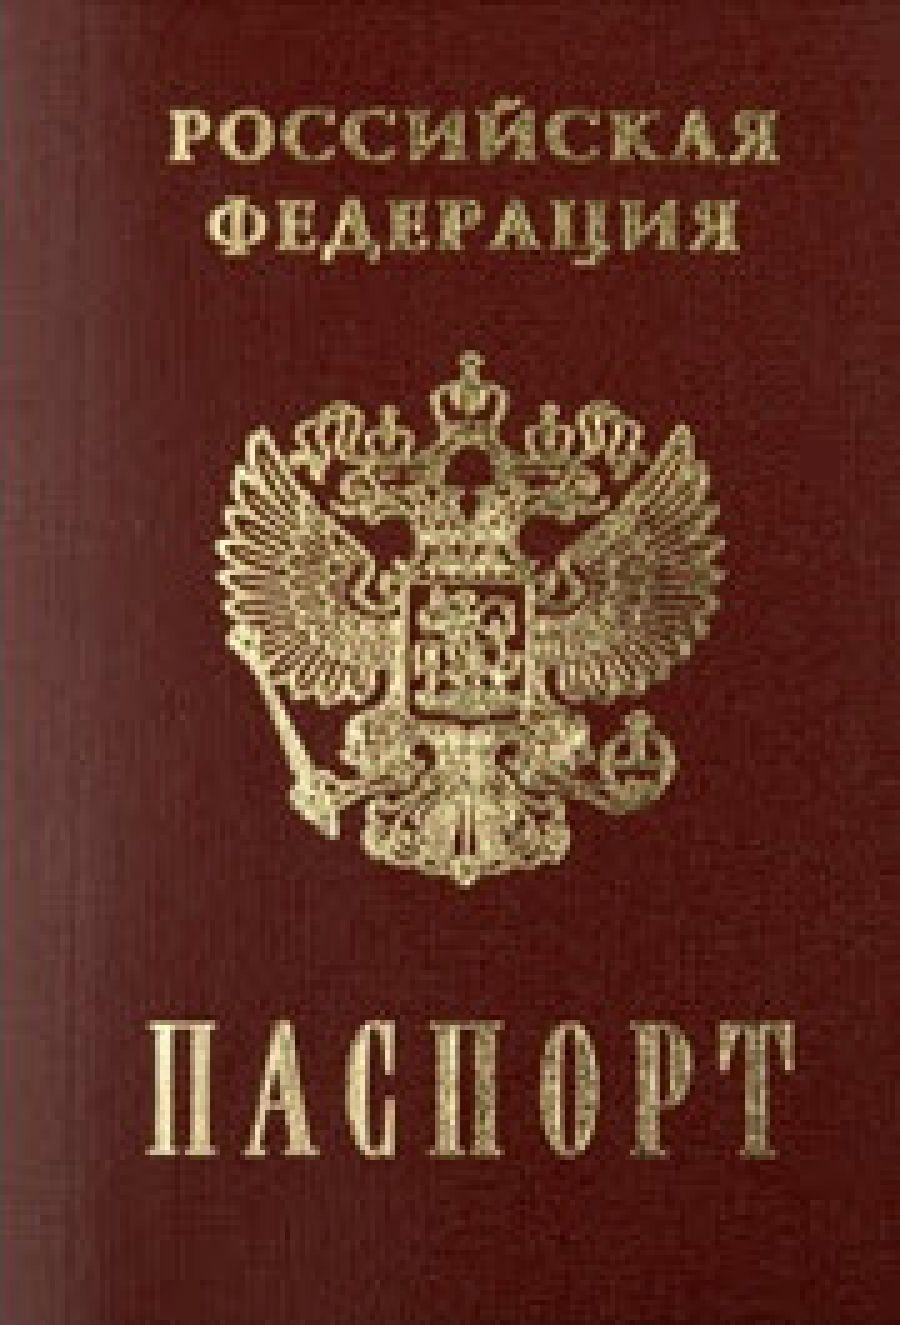 осторожно Признание недествительным паспорта гражданина рф все они